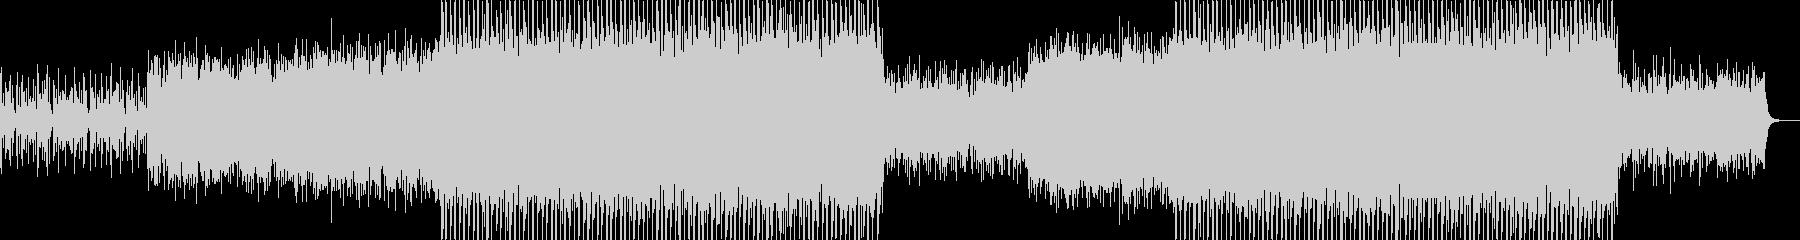 明るく爽やかなオーケストラポップ-05の未再生の波形